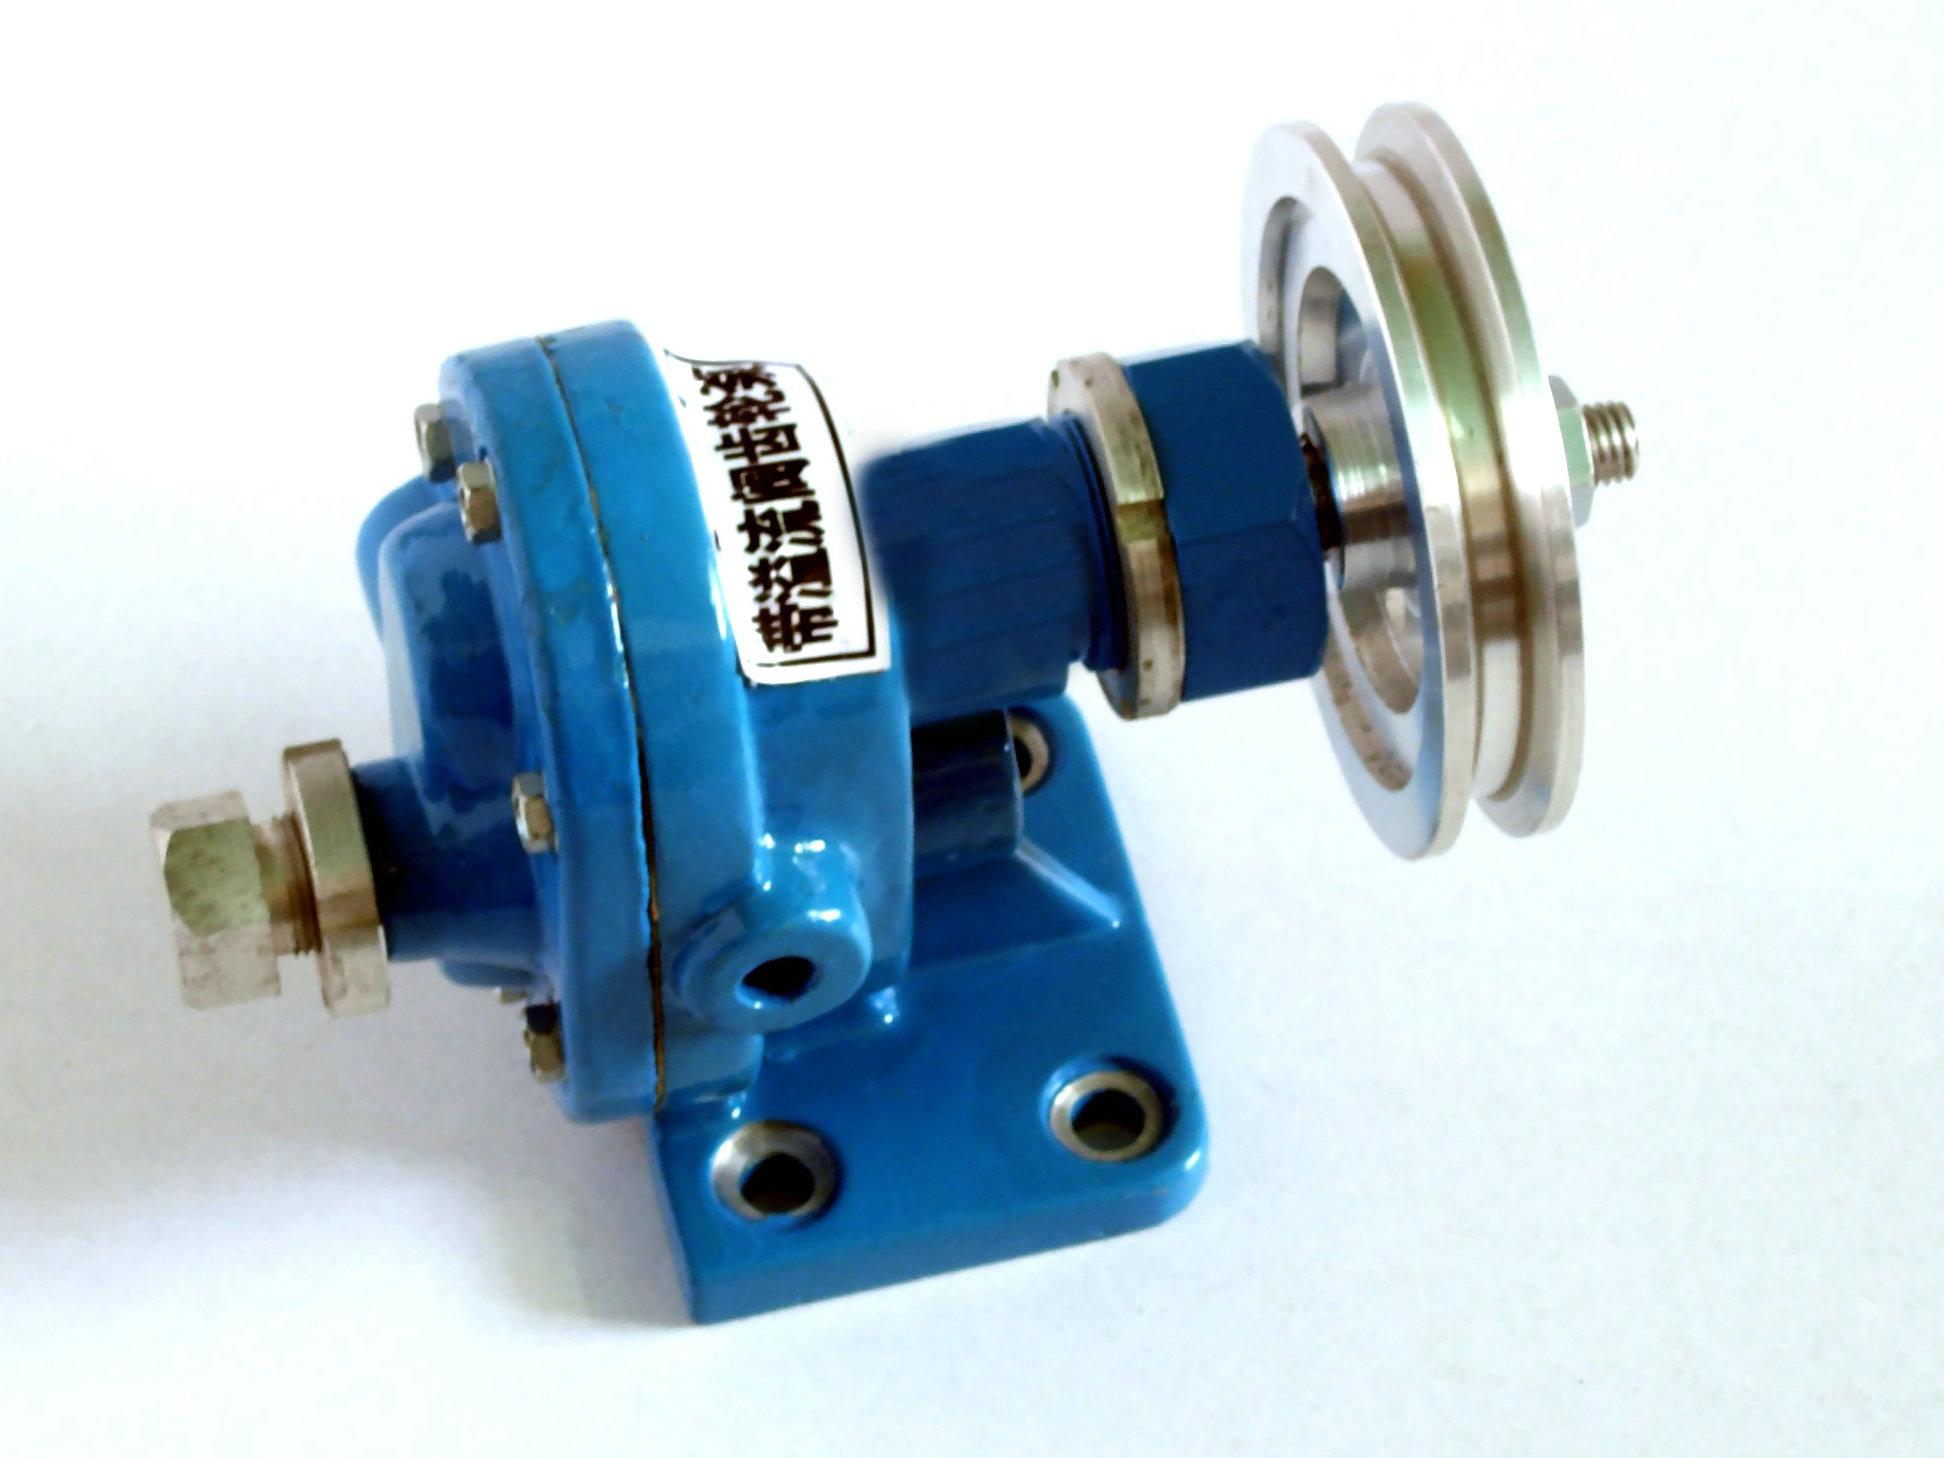 测绘用各种装配体.齿轮泵.阀体等模型